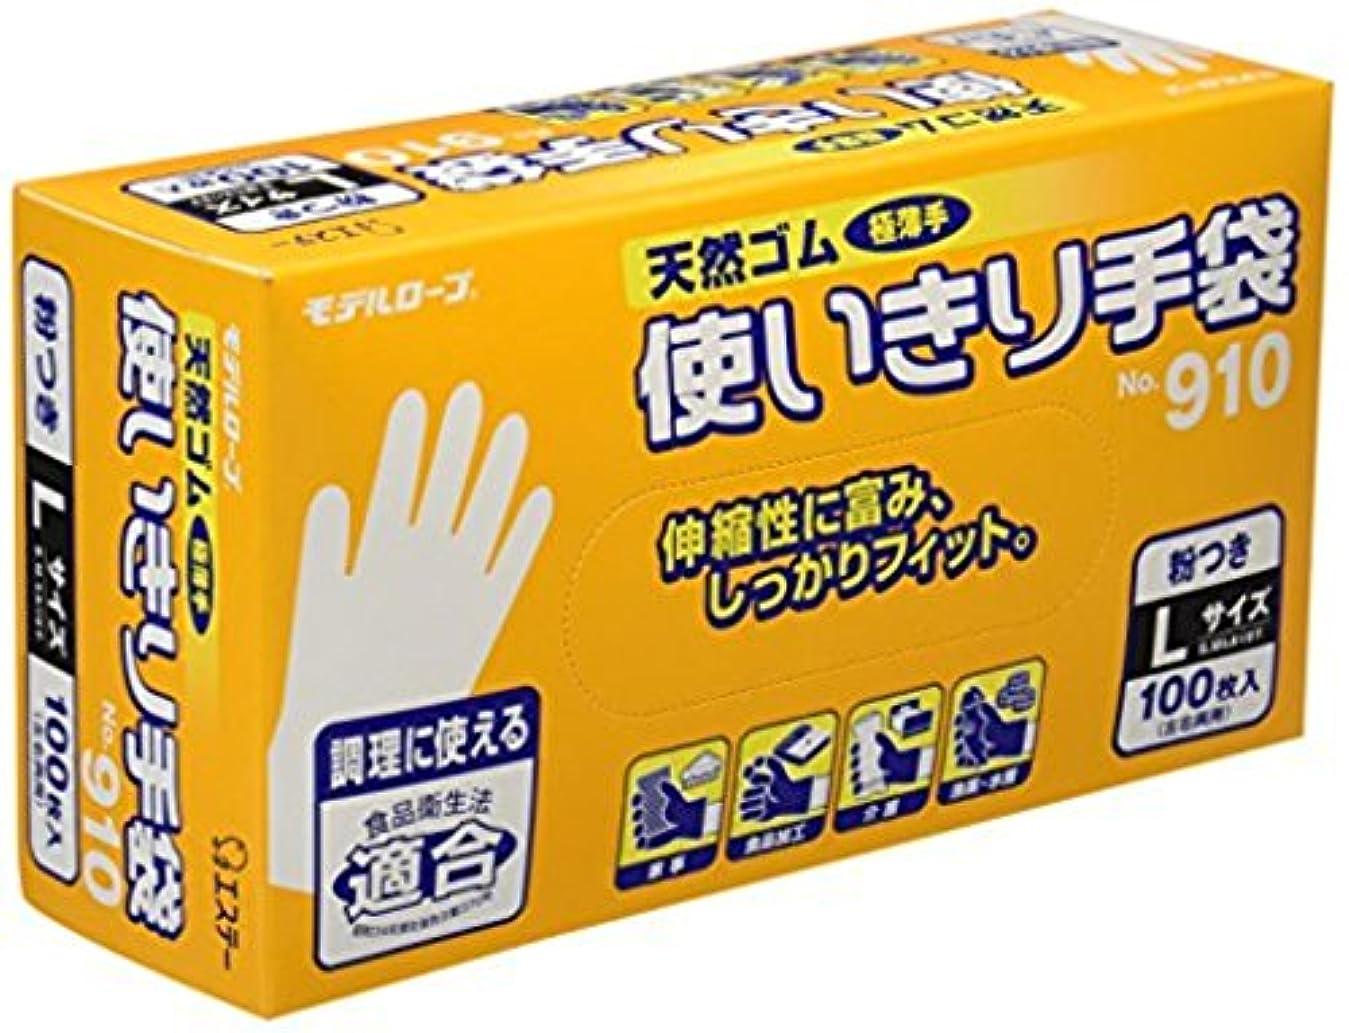 統合するメンテナンス東(まとめ買い)エステー 天然ゴム使い切り手袋 No.910 L 【×3セット】